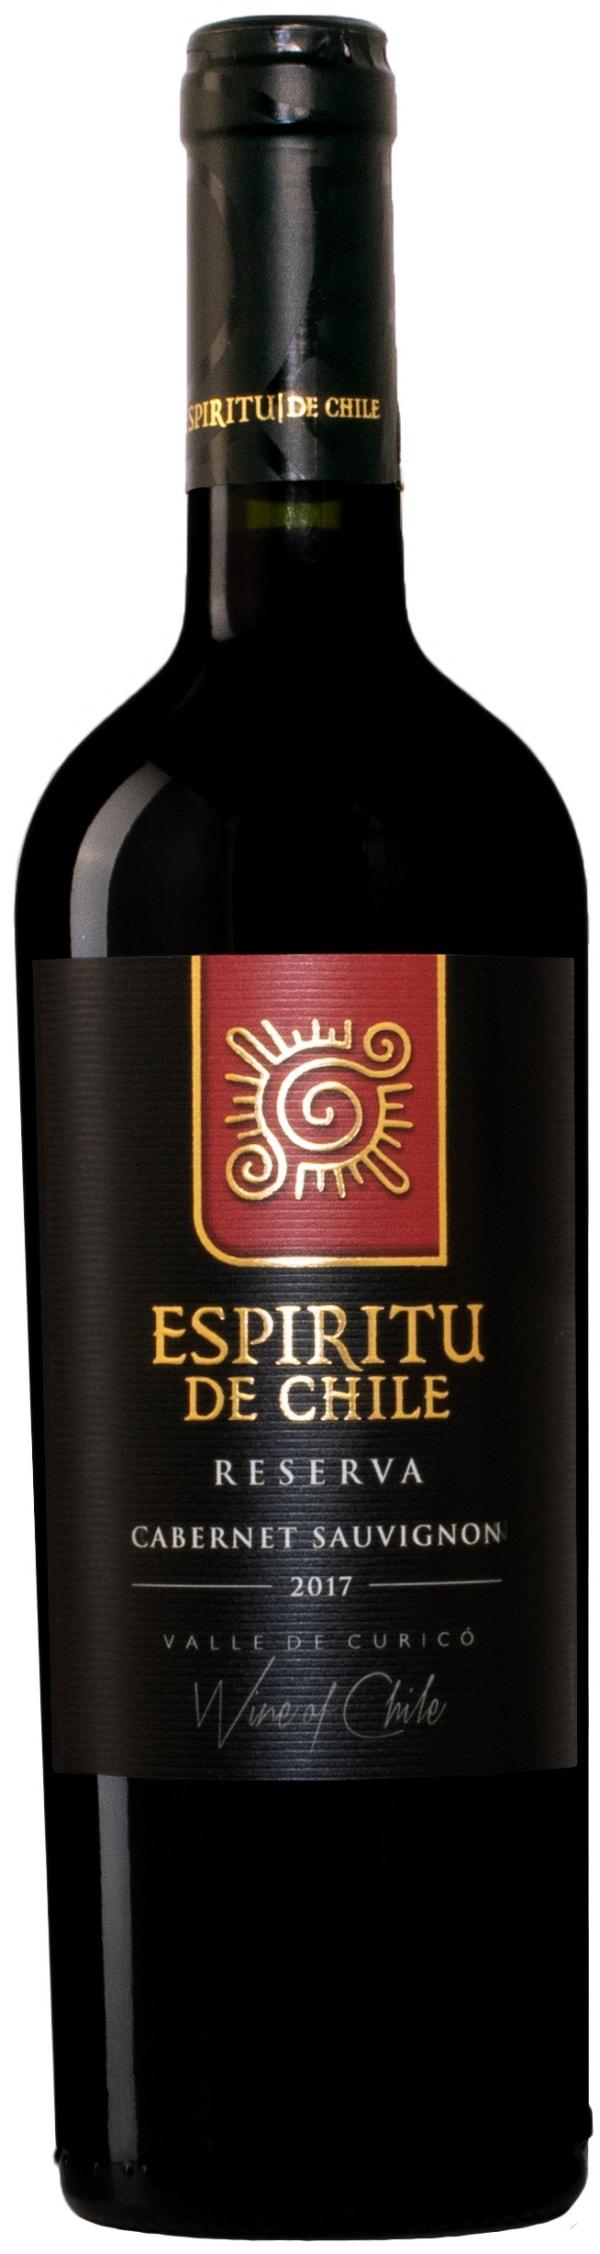 Espíritu de Chile Reserva Cabernet Sauvignon 2017